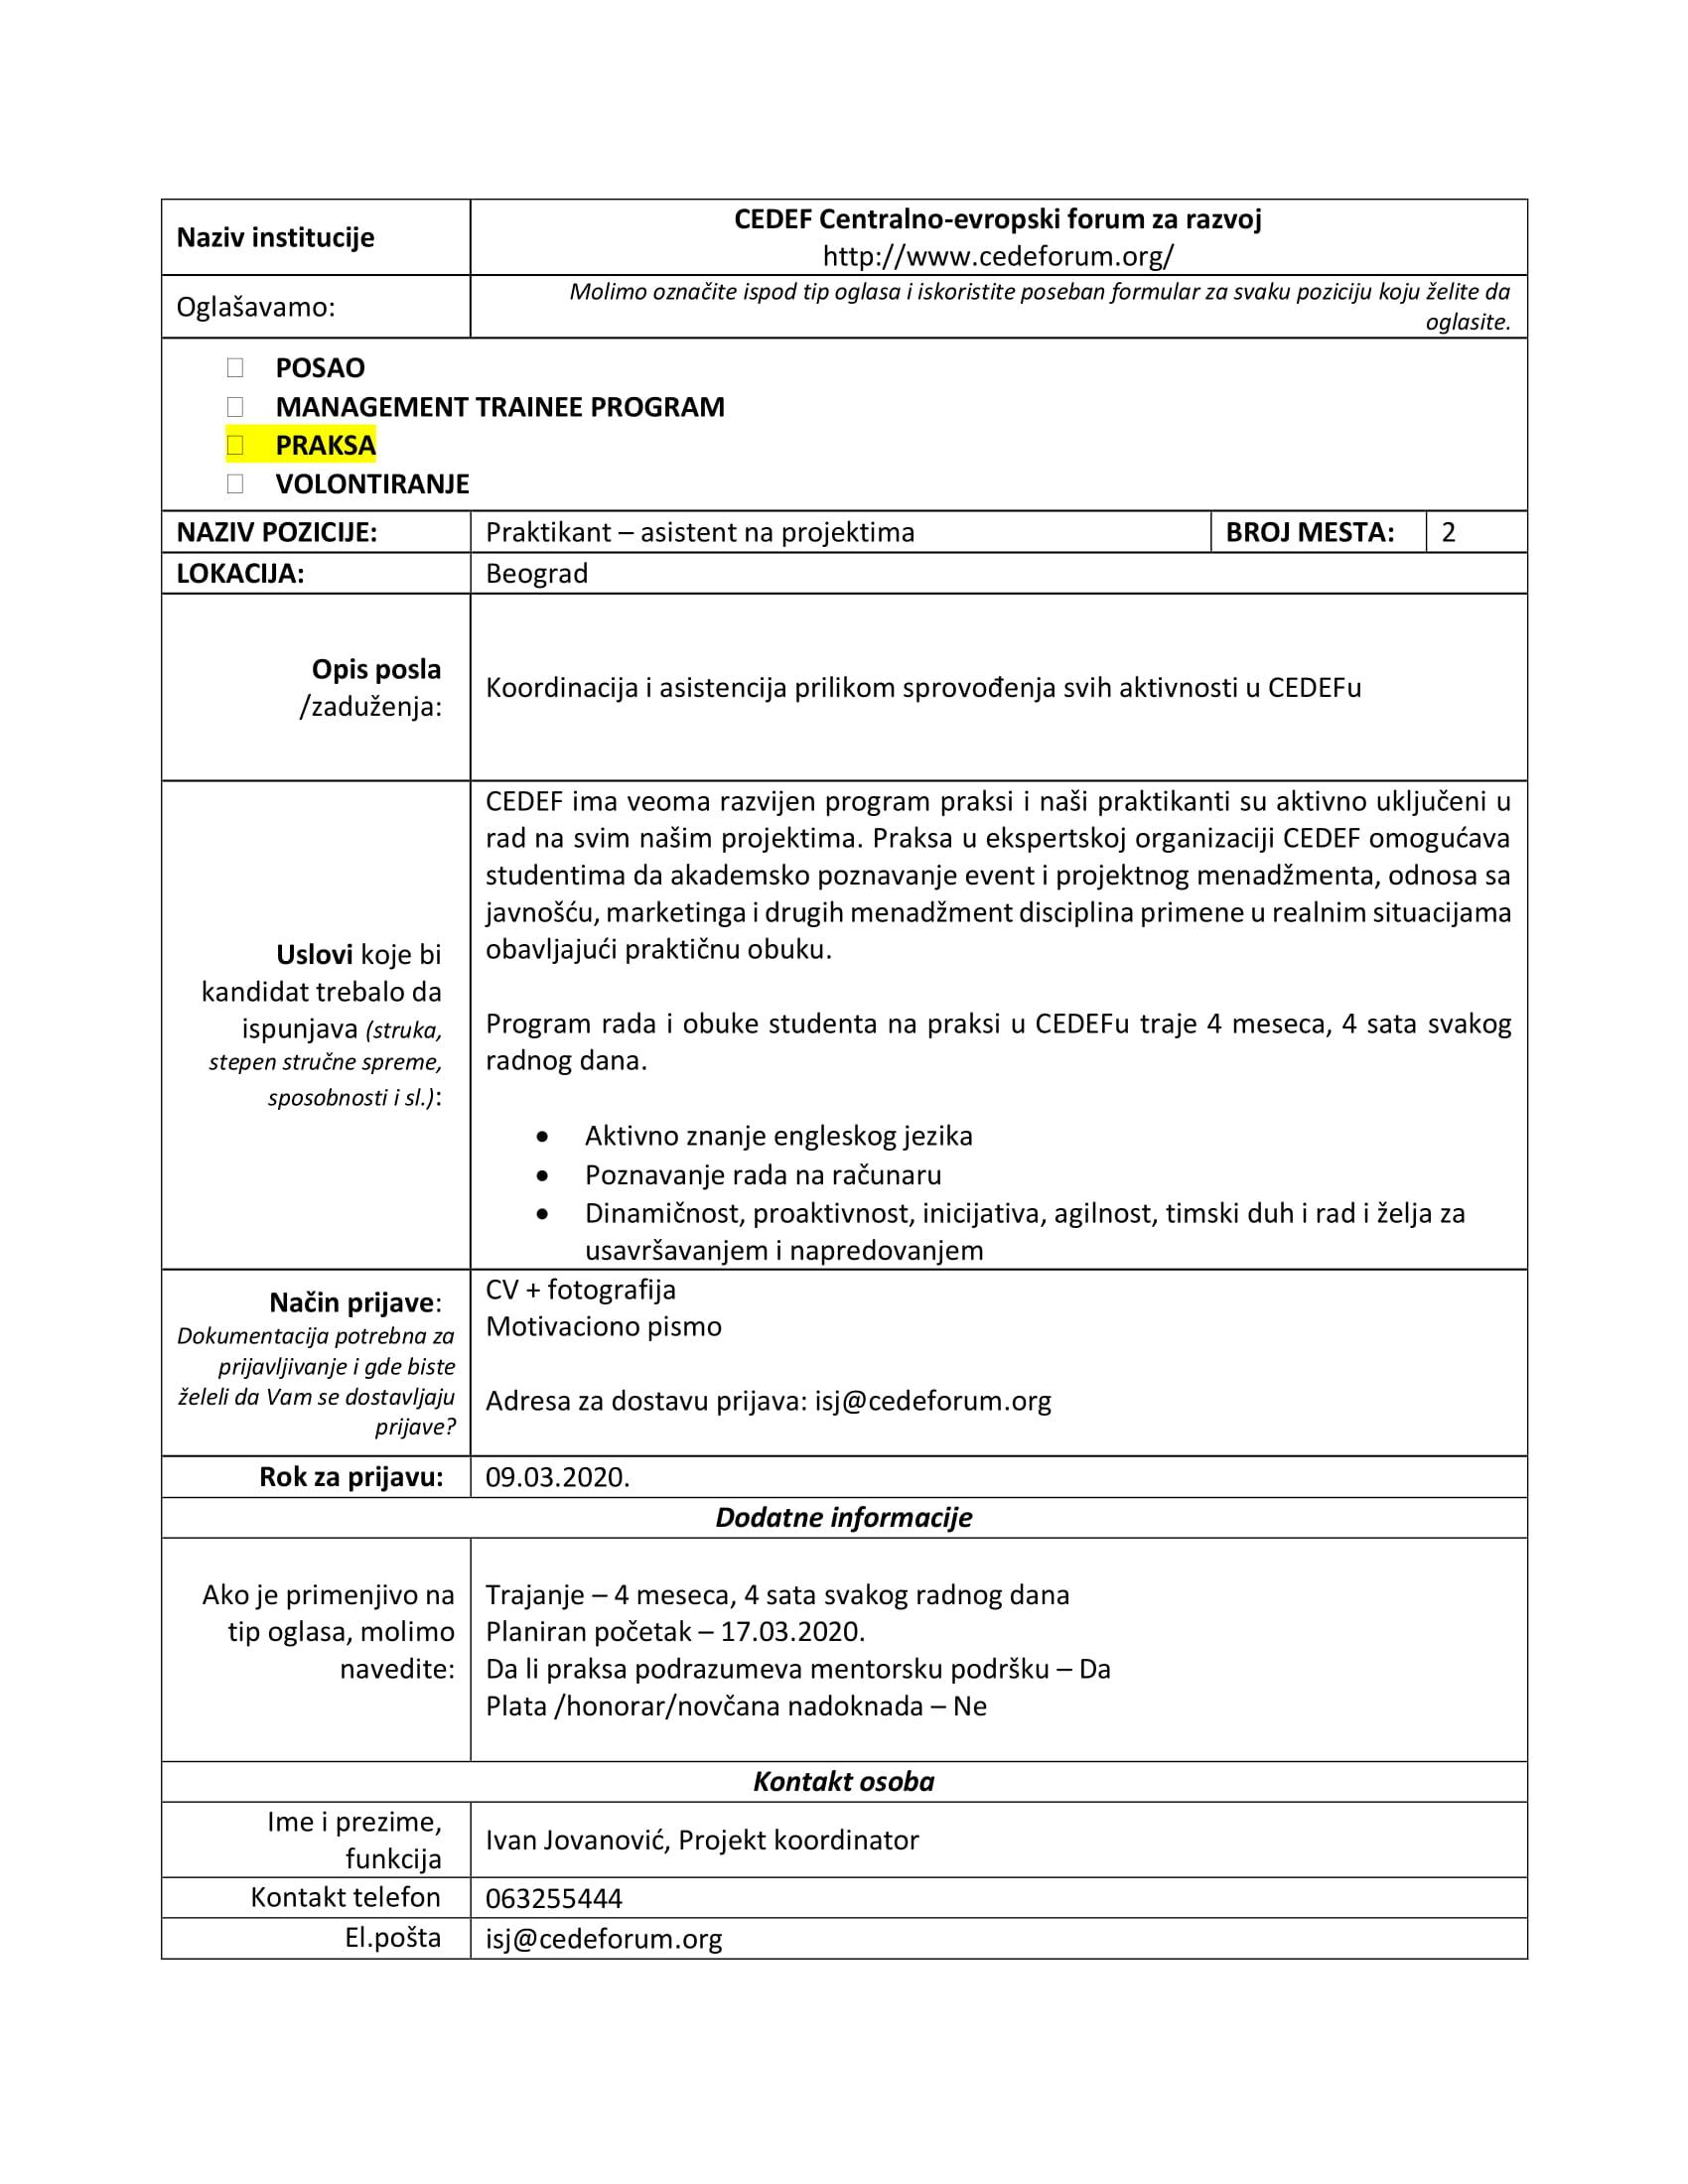 Formular_za_oglasavanje - CEDEF - strucna praksa-1